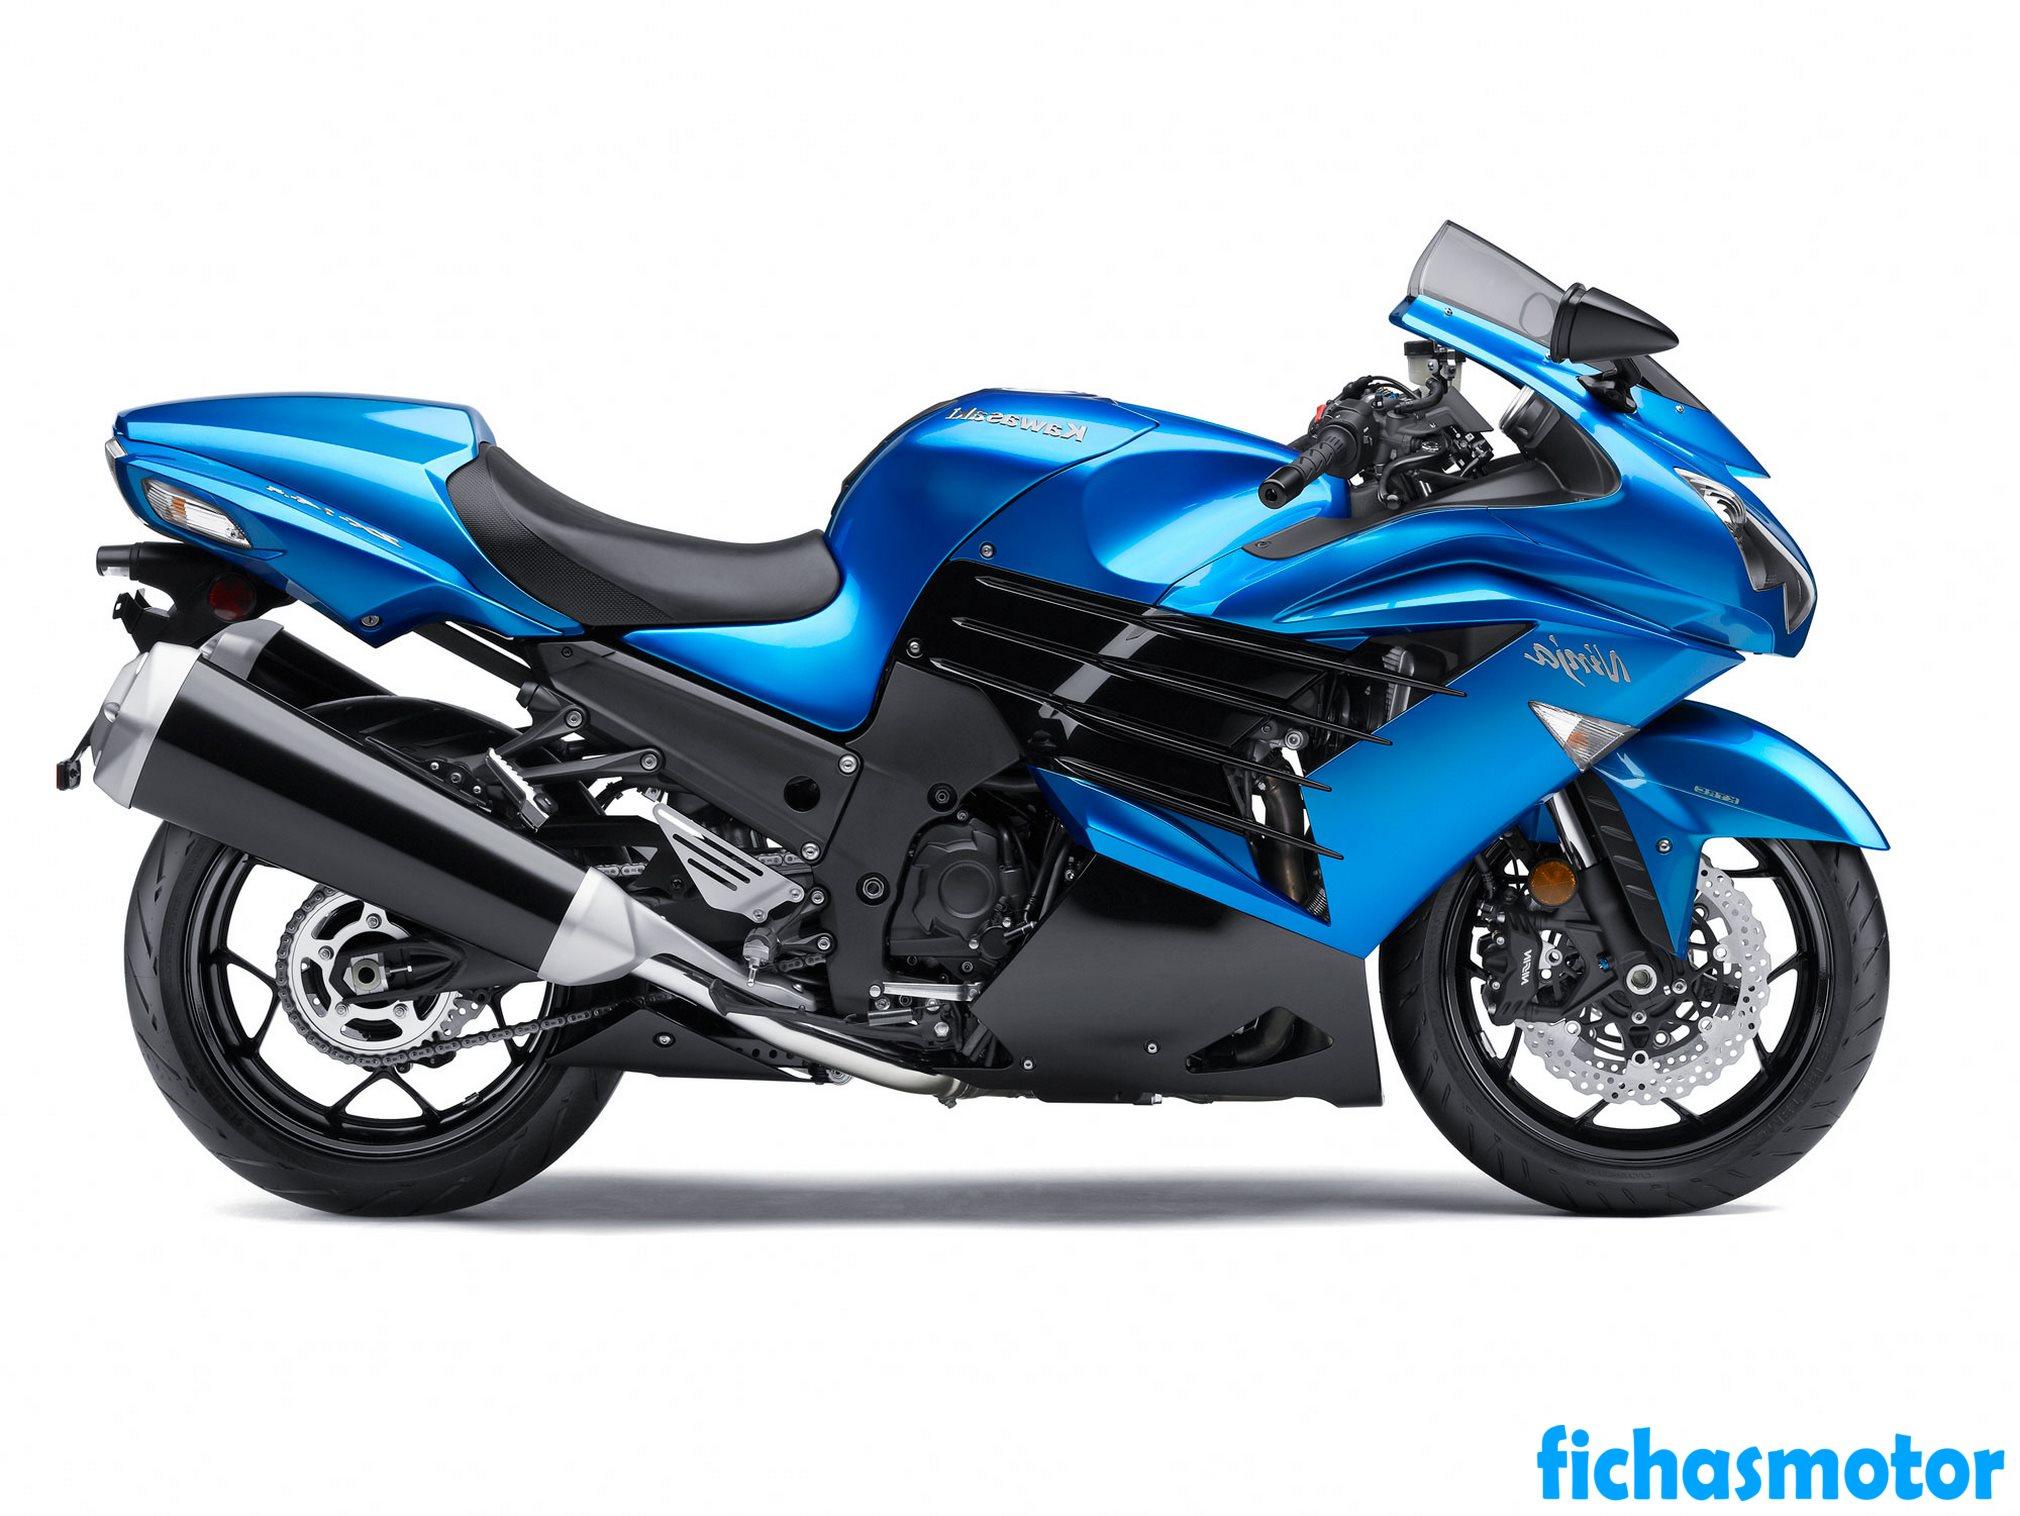 Imagen moto Kawasaki ninja zx-14r año 2012